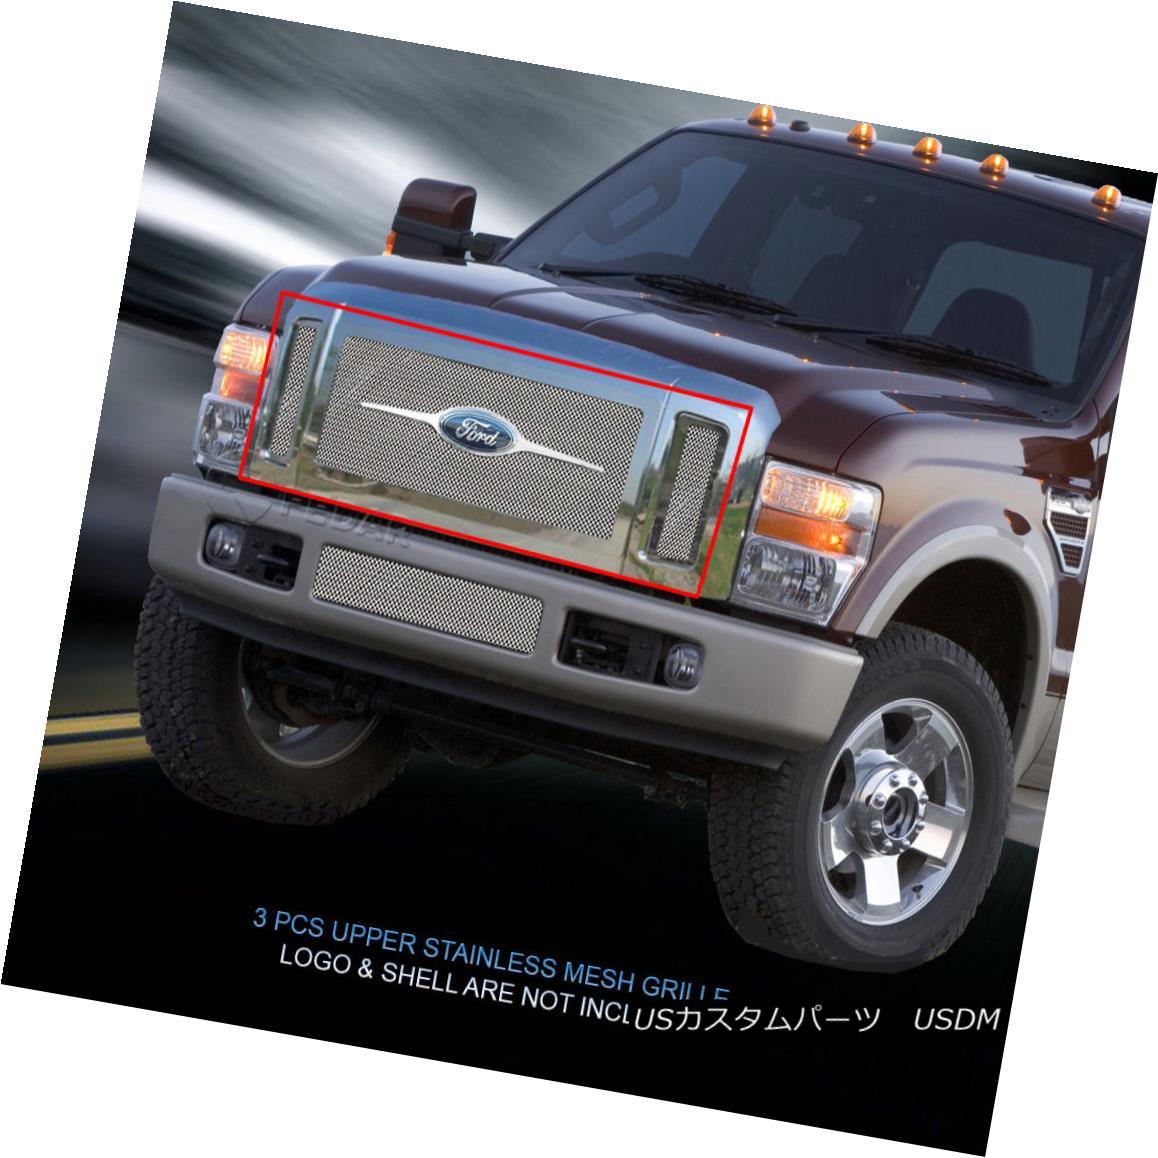 グリル Fedar Fits 2008-2010 Ford F250/F350 Polished Wire Mesh Grille Insert Fedar Fitting 2008-2010 Ford F250 / F350ポリッシュワイヤメッシュグリルインサート